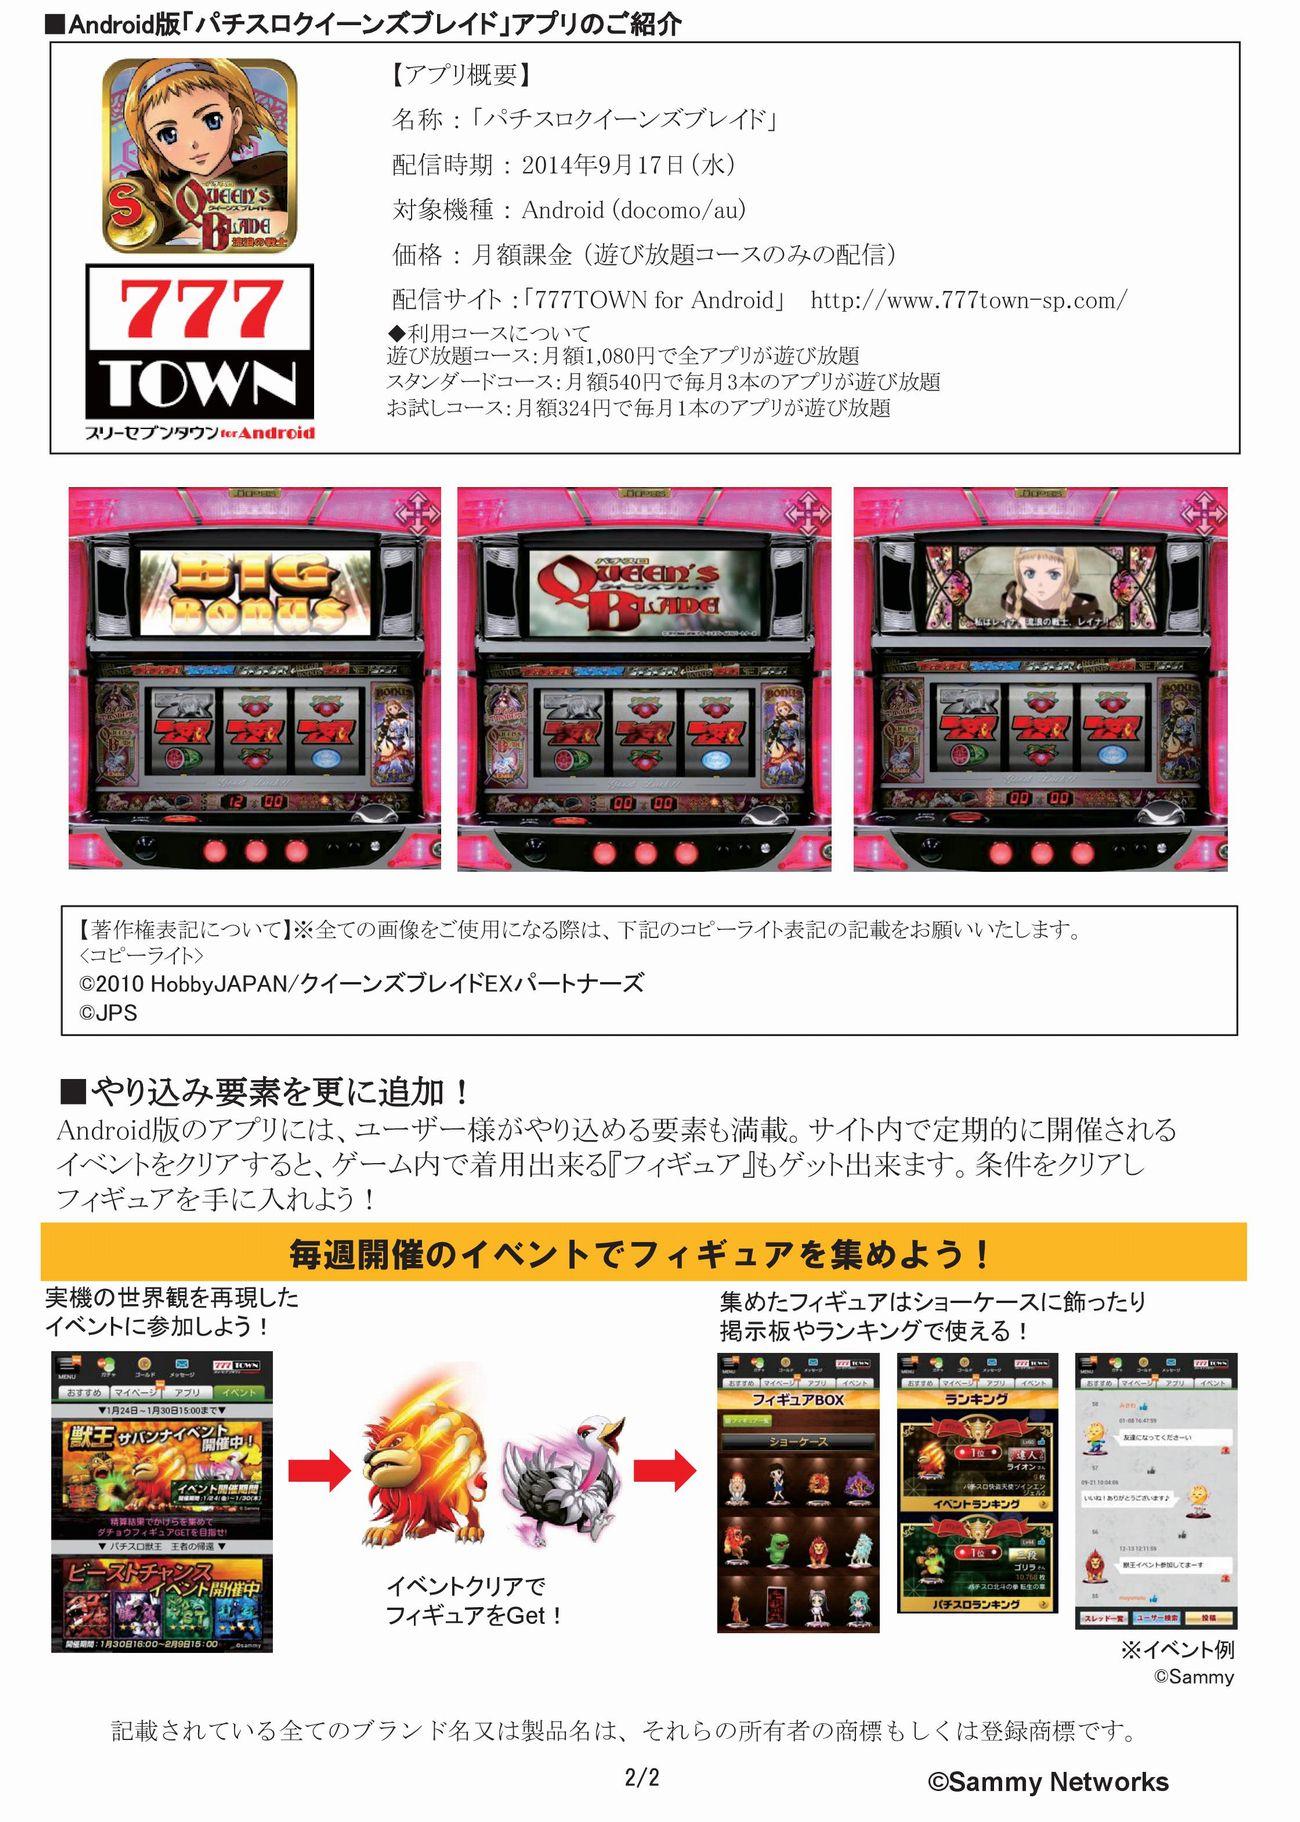 【Android】クイーンズブレイド_プレスリリース-002